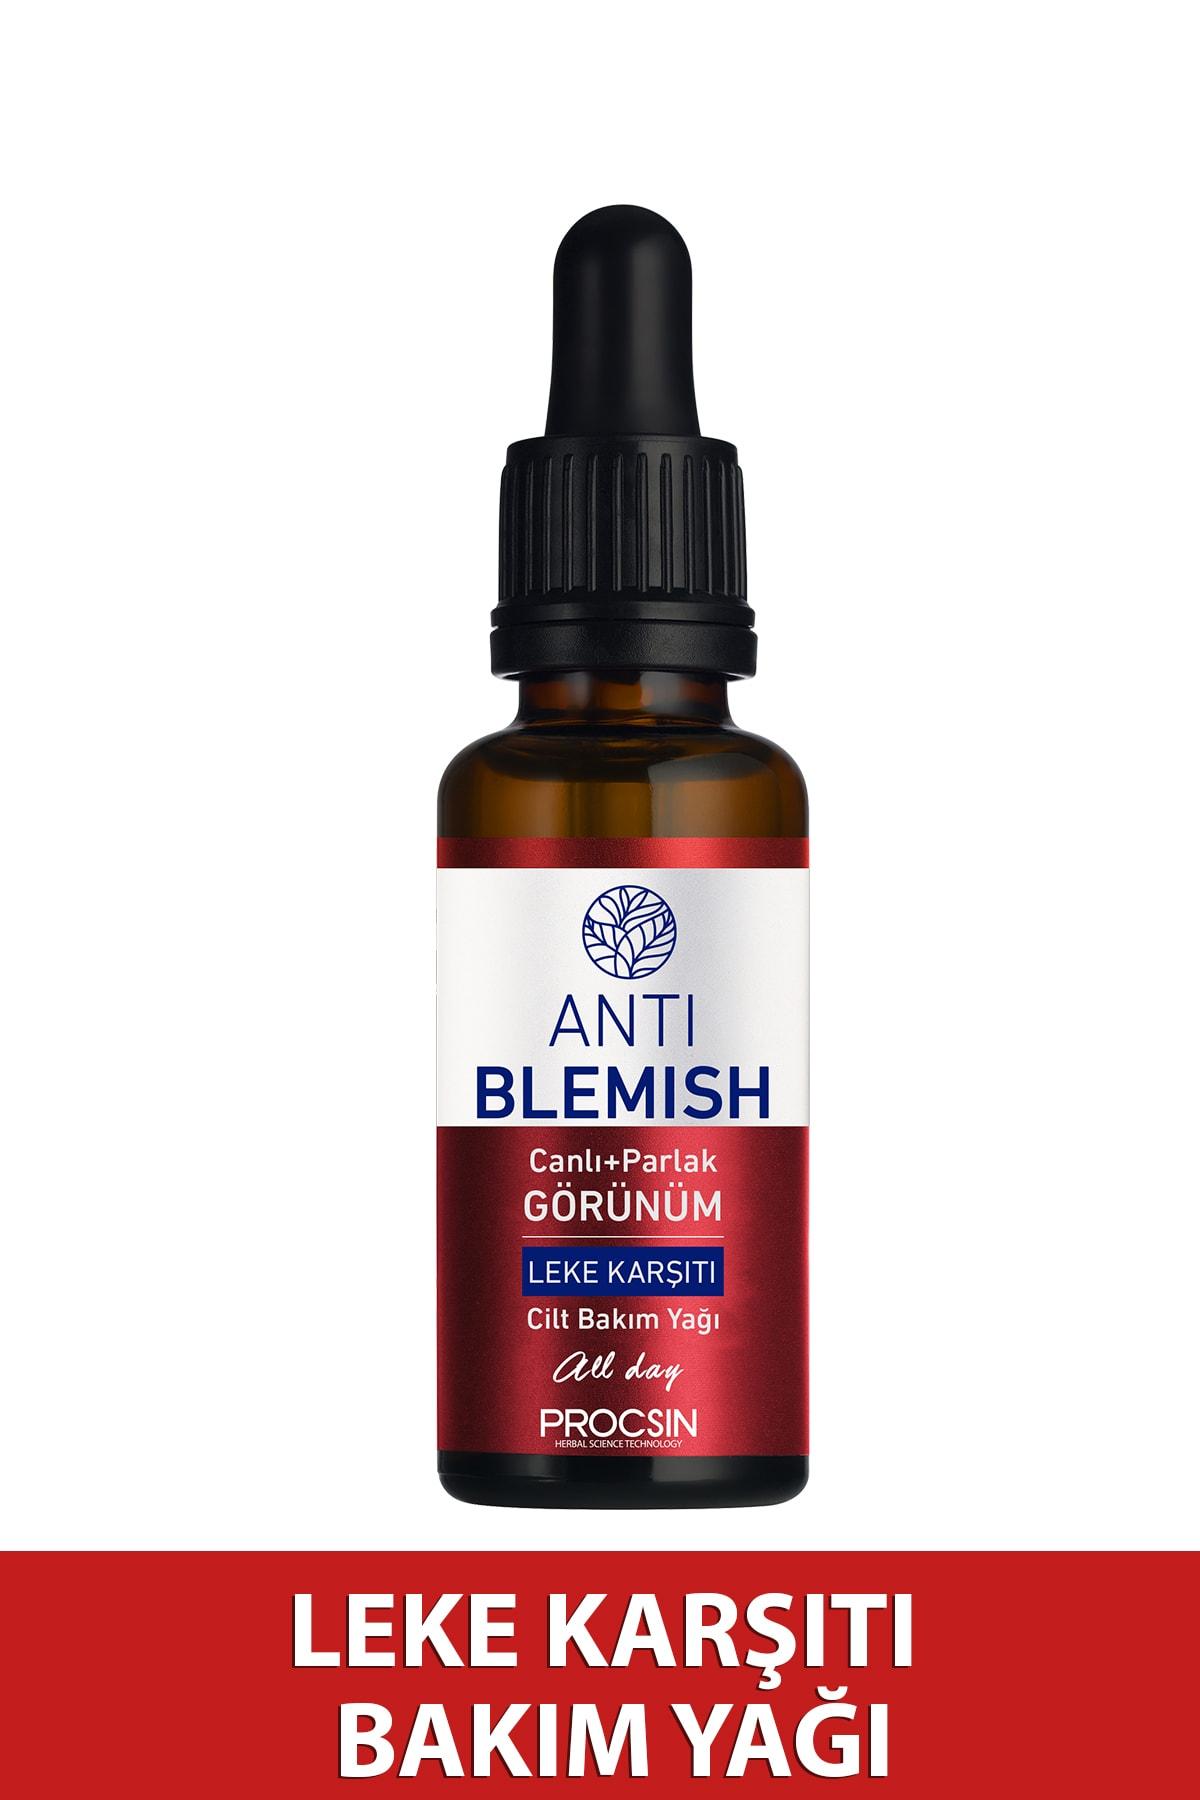 Anti Blemish Cilt Bakım Yağı 20 ml